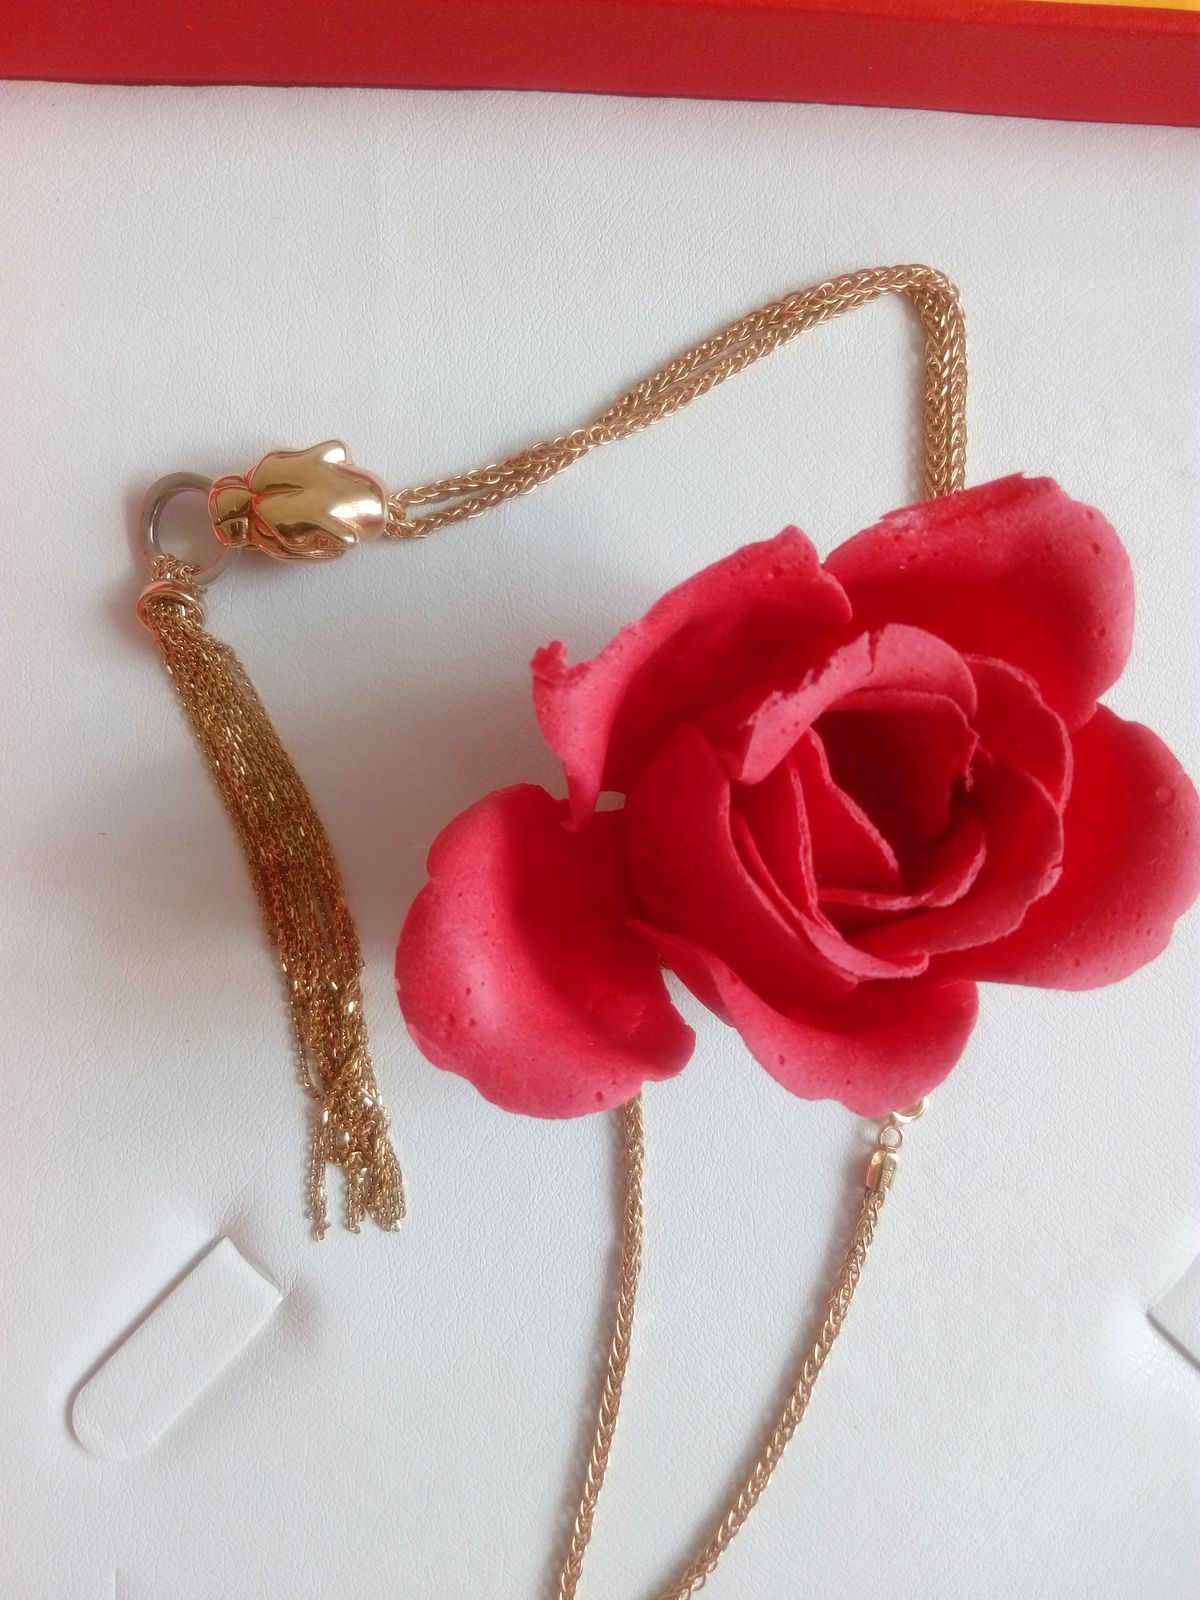 Приобрела подвеску с цепочкой в паре с браслетом, очень довольна покупкой.